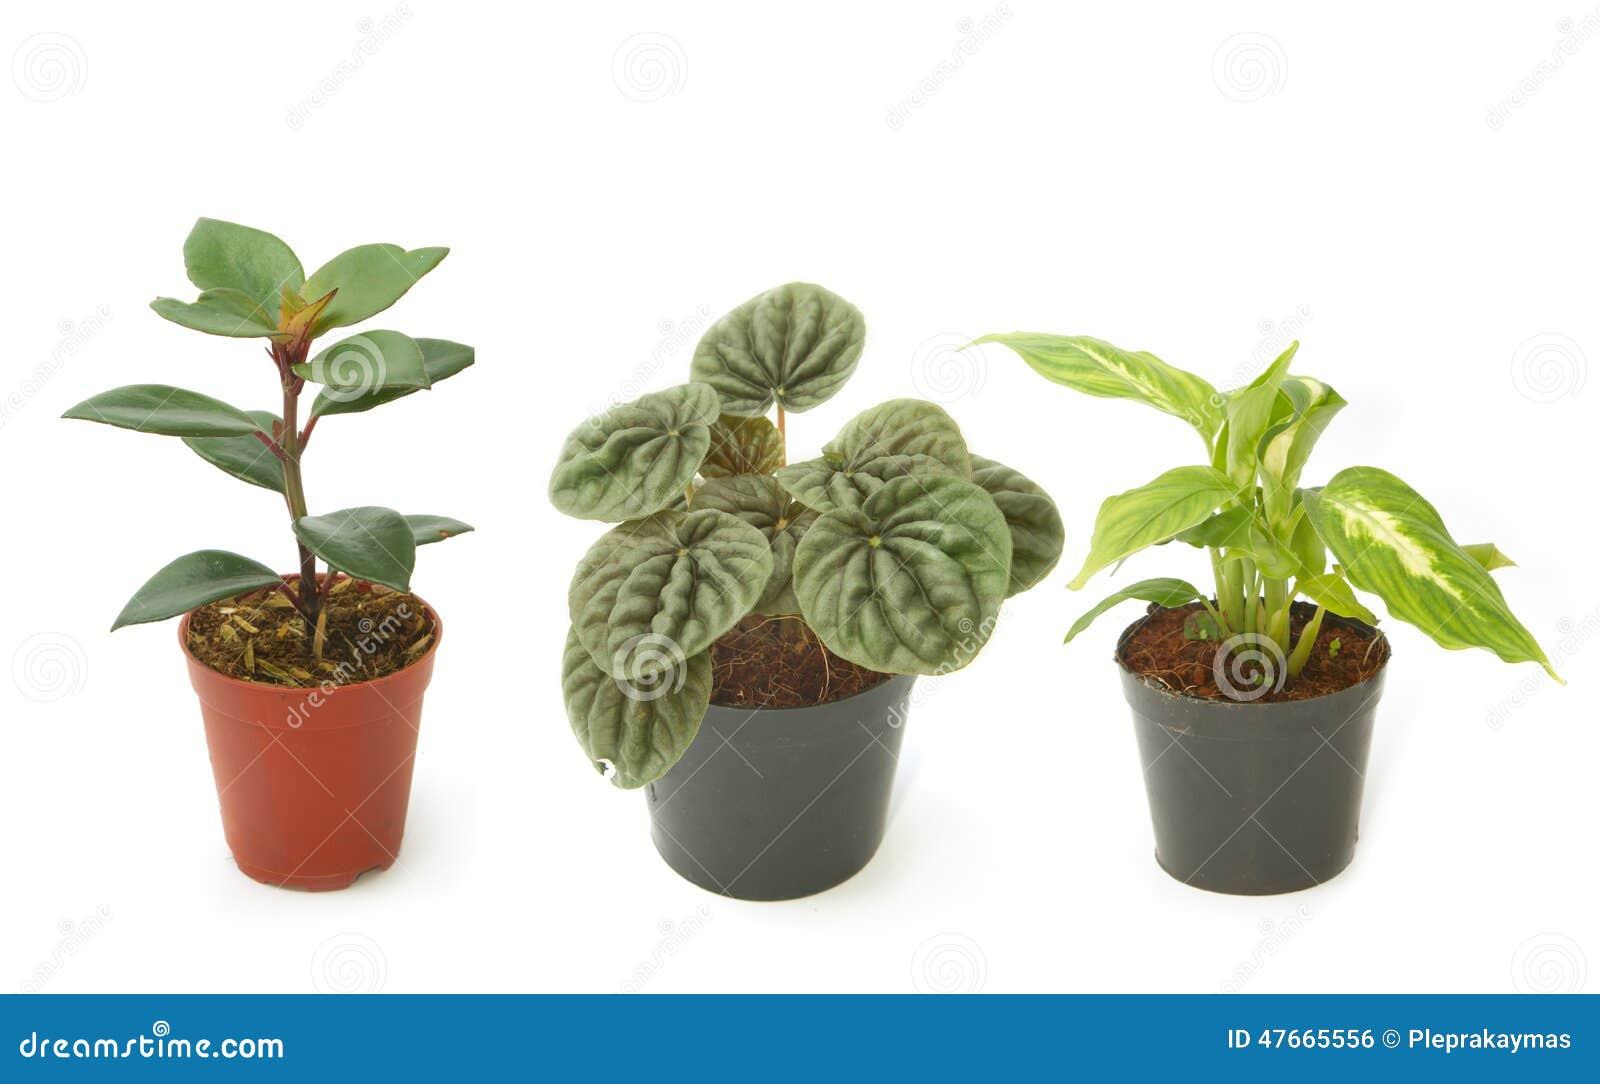 Piante da appartamento verdi assortite in vasi fotografia - Piante verdi interno ...